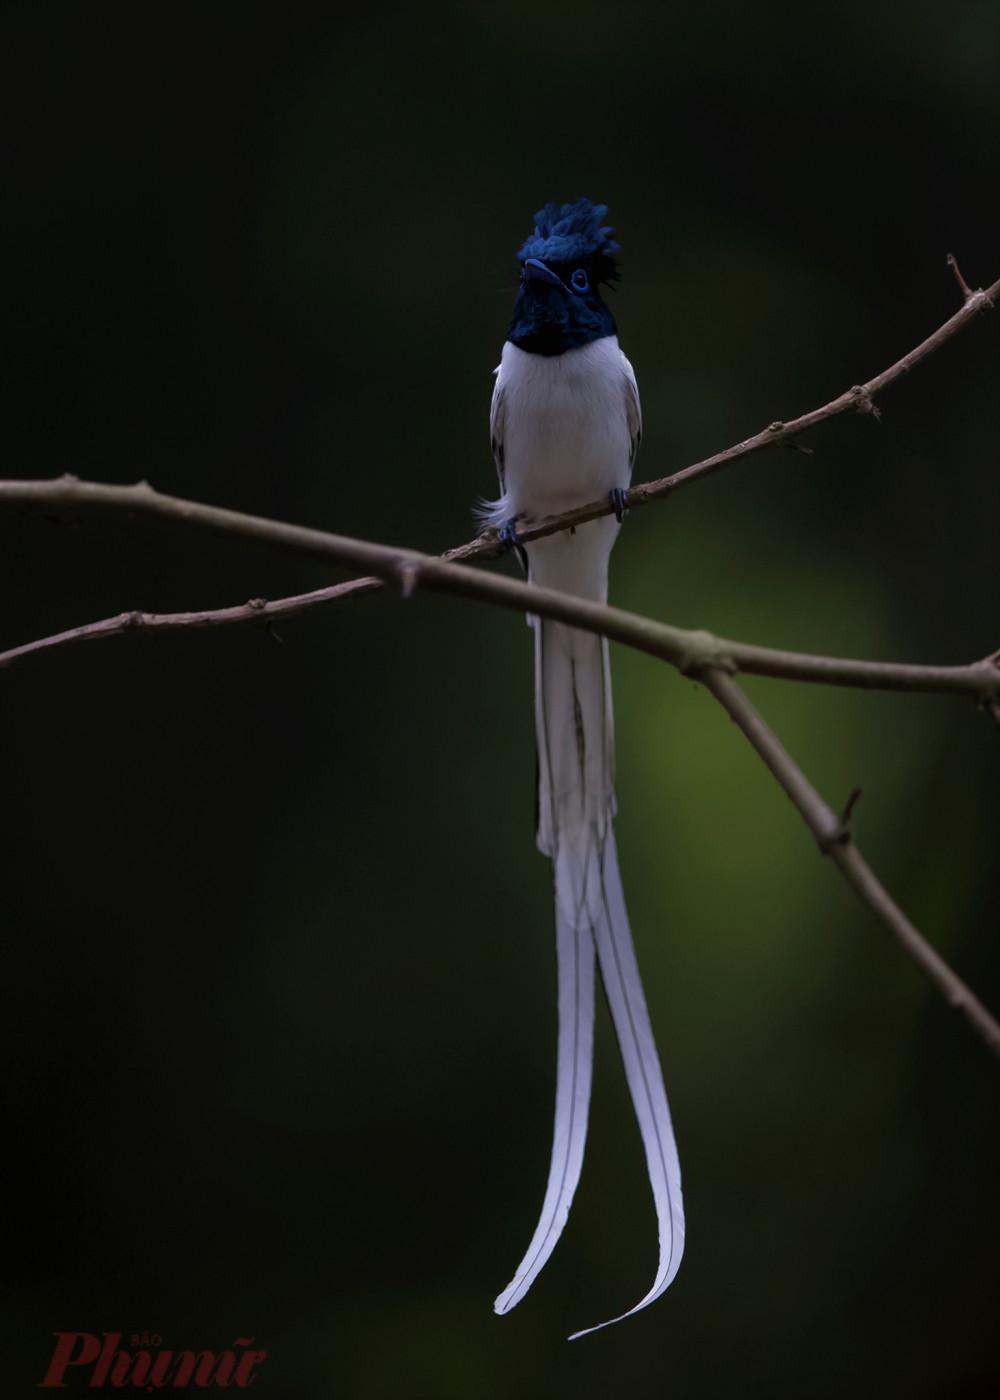 Con chim thiên đường đuôi trắng anh T. tìm thấy trong một cách rừng tự nhiên ở Đồng Nai. Do con chim khá nhát nên anh không chụp được những góc hình ưng ý. Ảnh: H.V.T